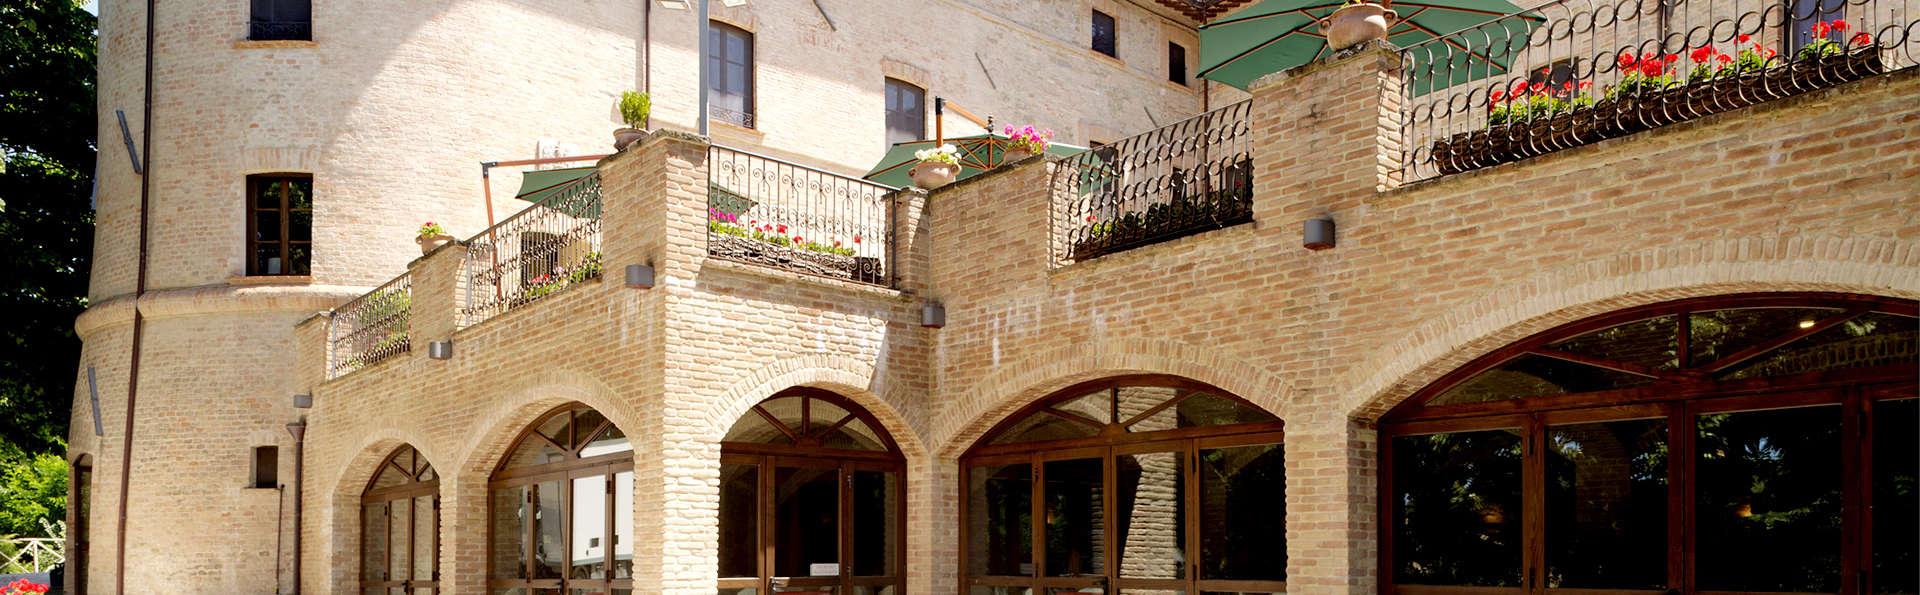 Castello di Baccaresca - Edit_Front2.jpg